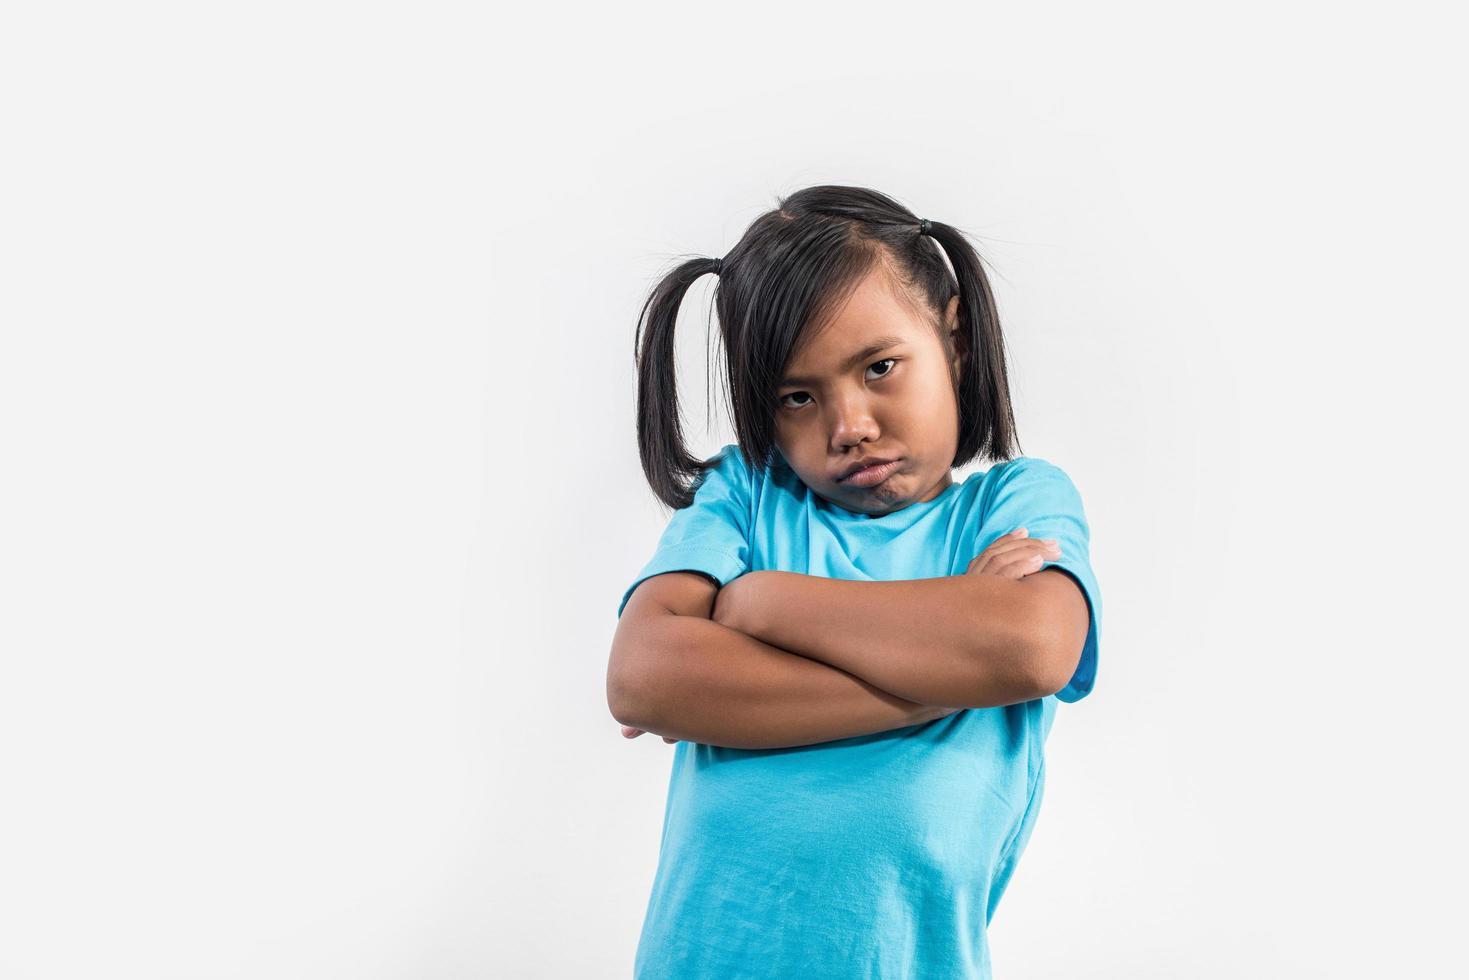 petite fille se sent en colère en studio shot. photo